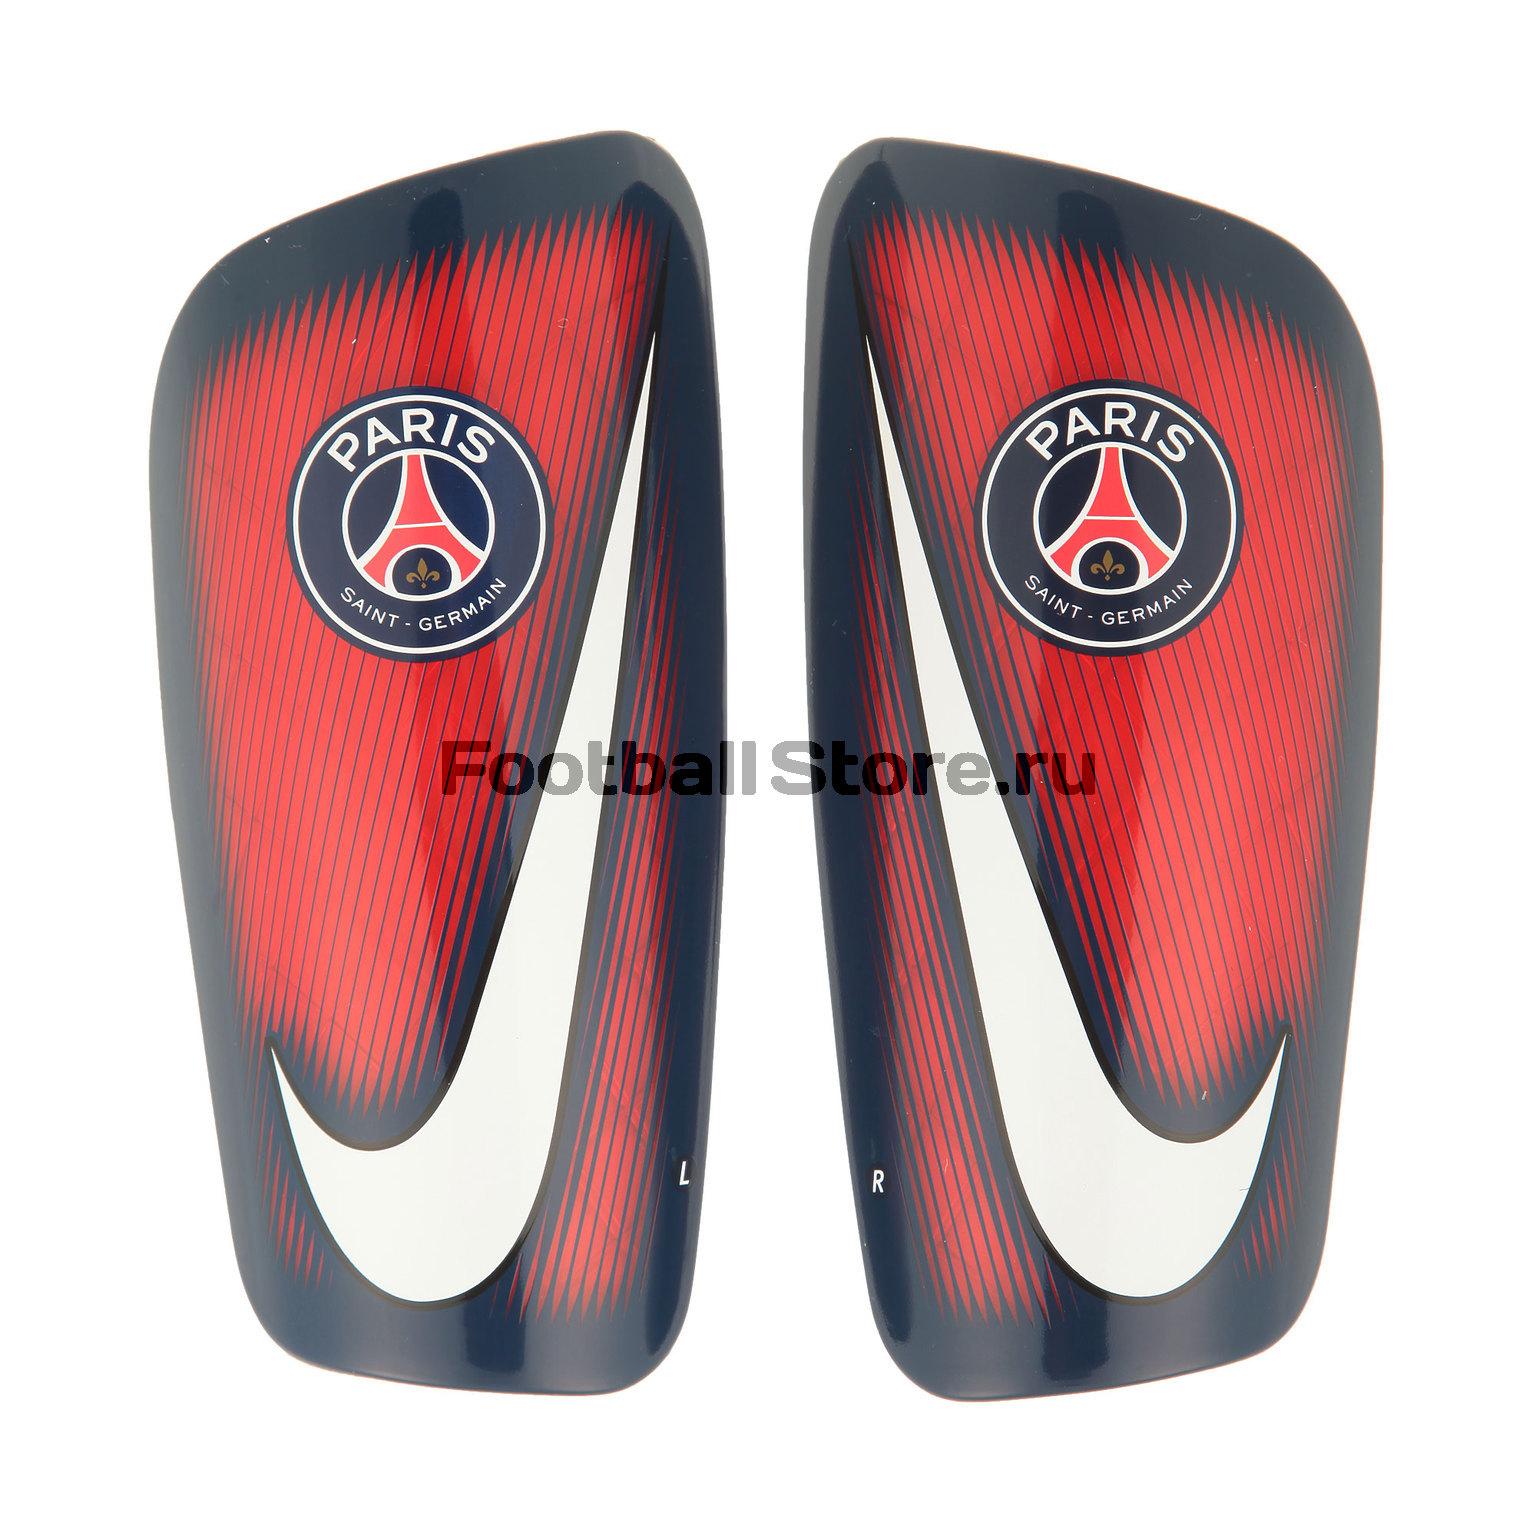 PSG Nike Щитки футбольные Mercurial Lite SP2089-600